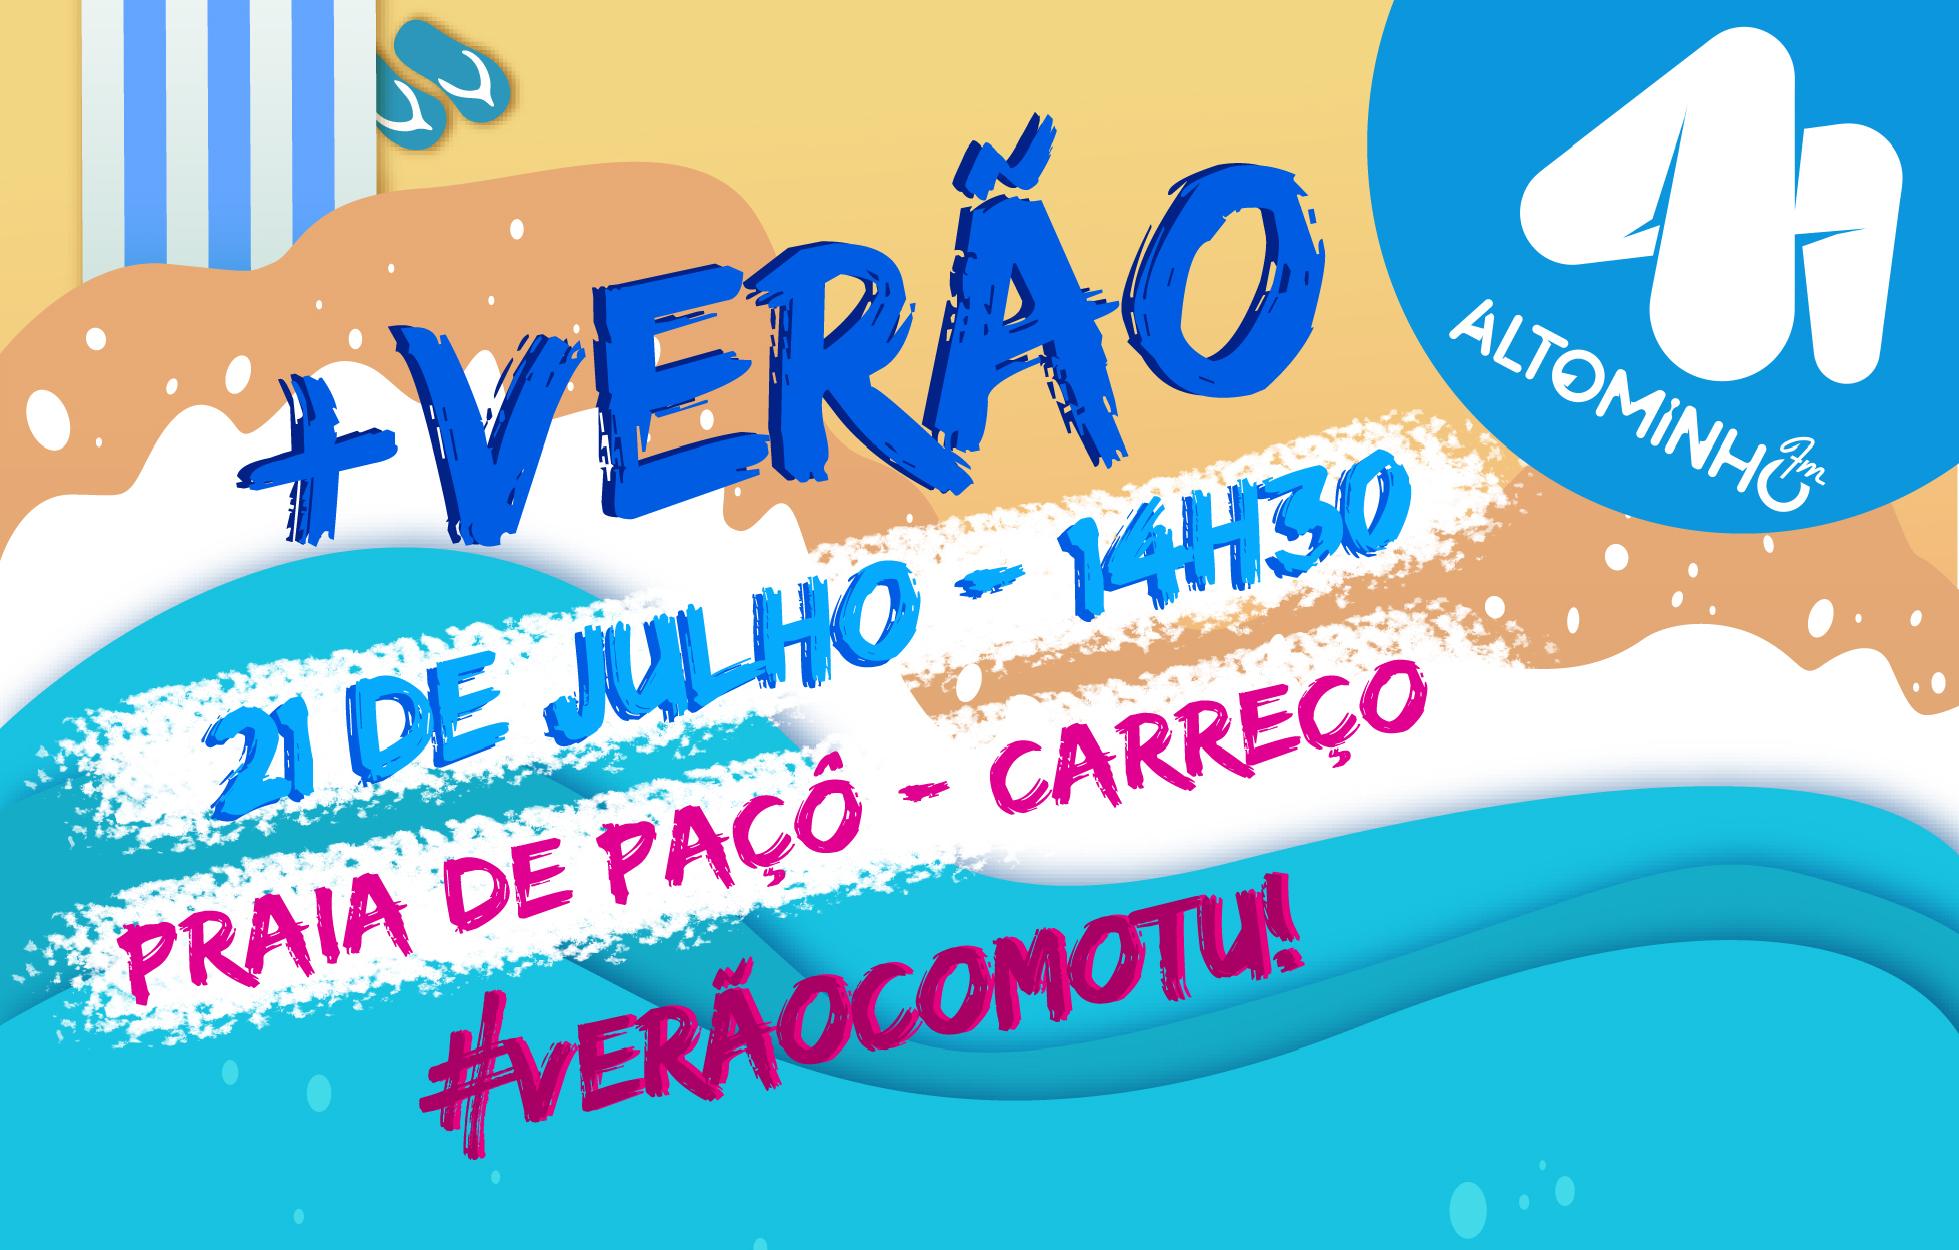 Rádio Alto Minho - +VERÃO (noticias)